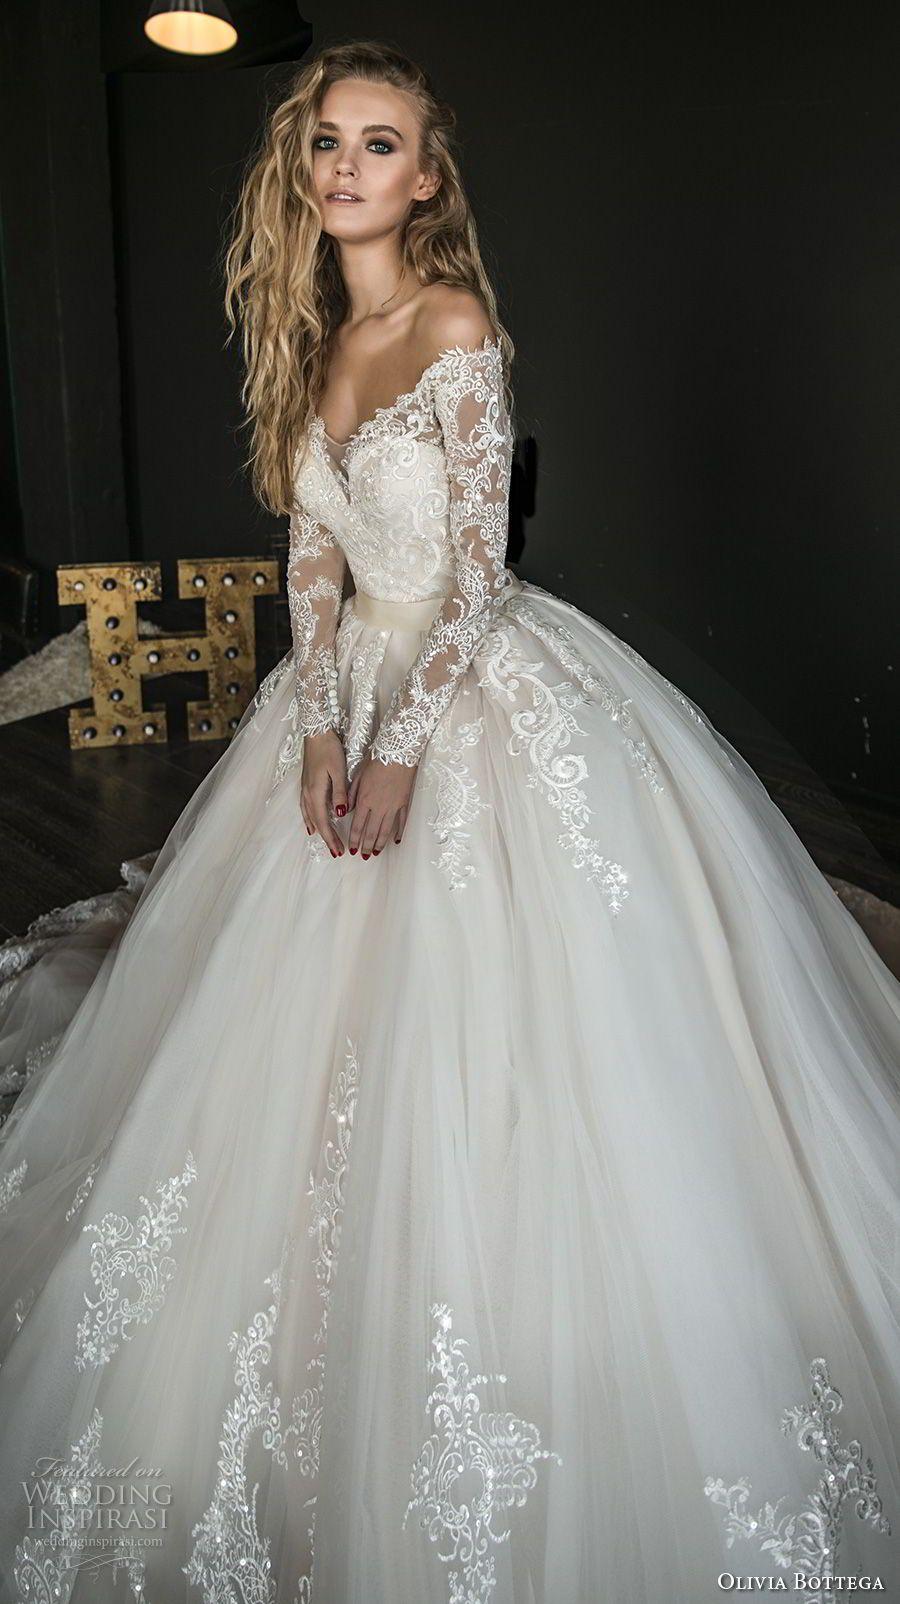 Olivia Bottega 2018 Wedding Dresses Wedding Inspirasi Wedding Dresses Ball Gowns Wedding Wedding Dress Long Sleeve